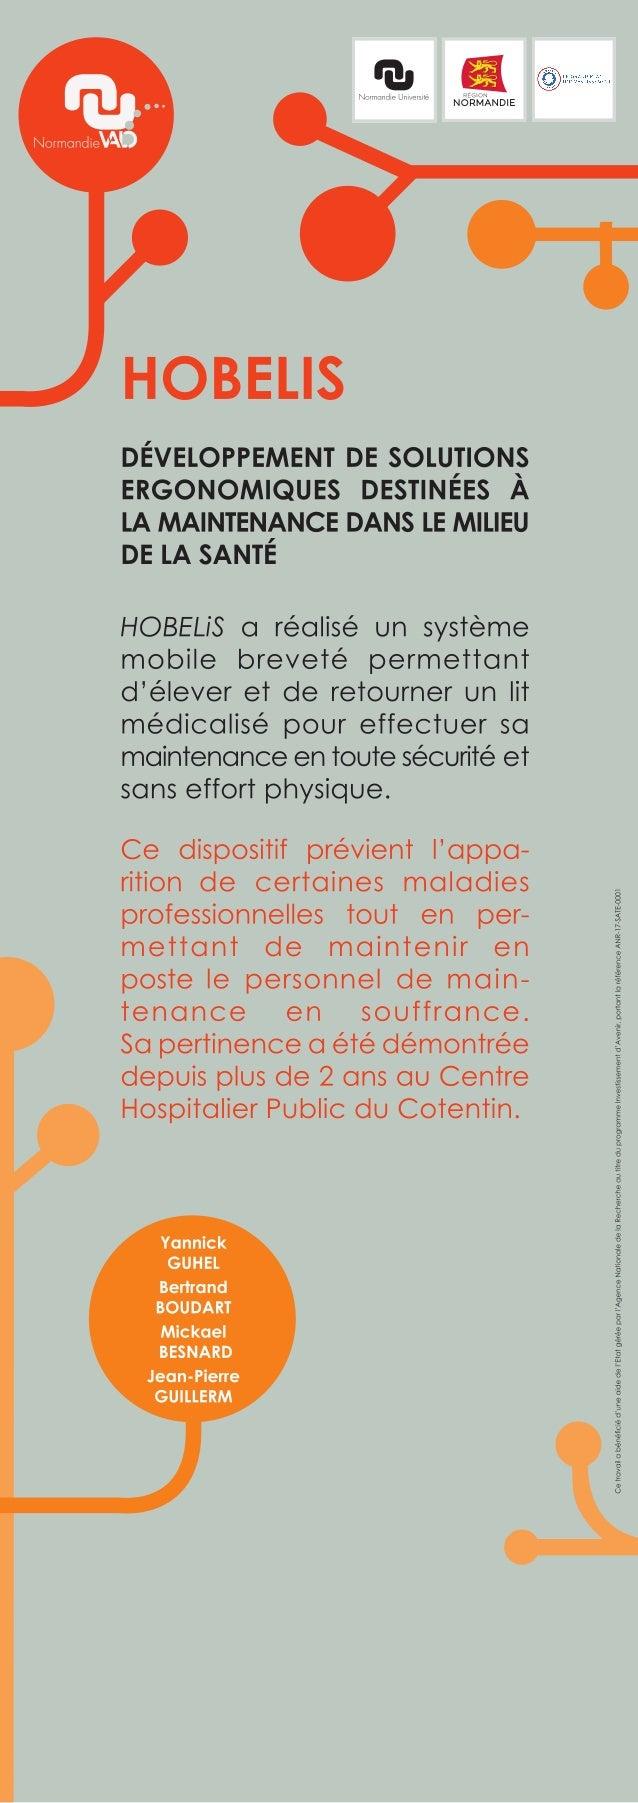 Hobelis, une entreprise en création